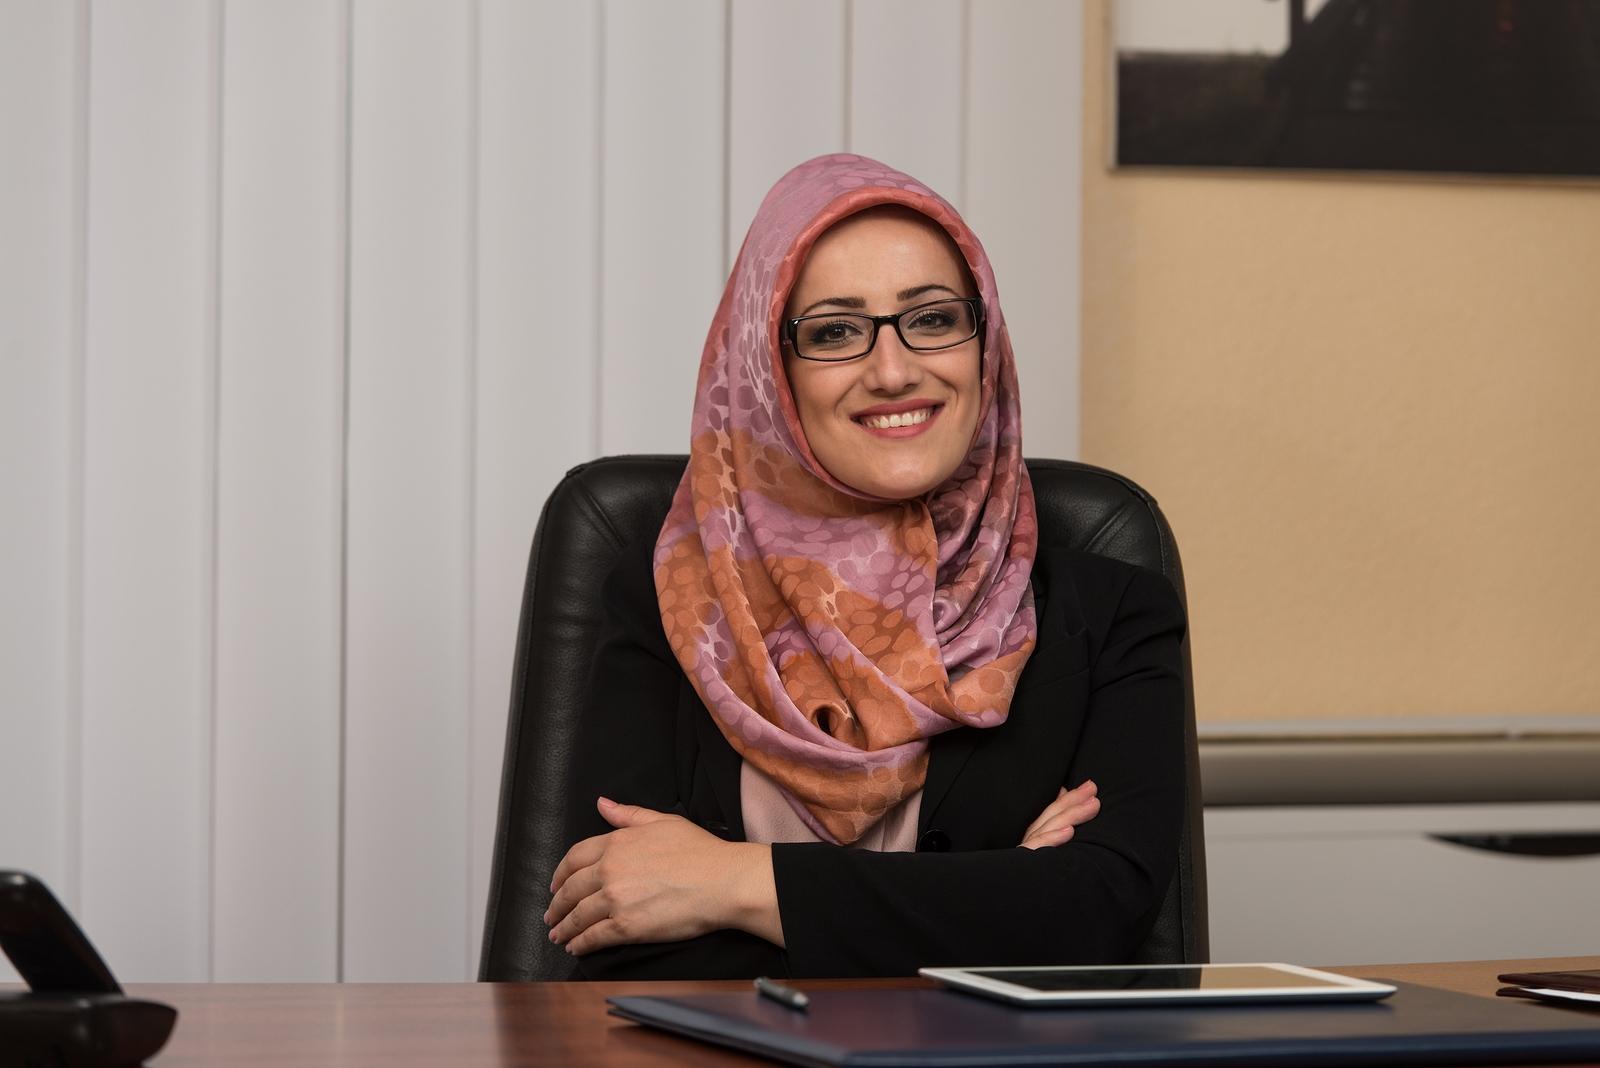 La communauté musulmane: un fort potentiel économique qui ne peut plus être ignoré